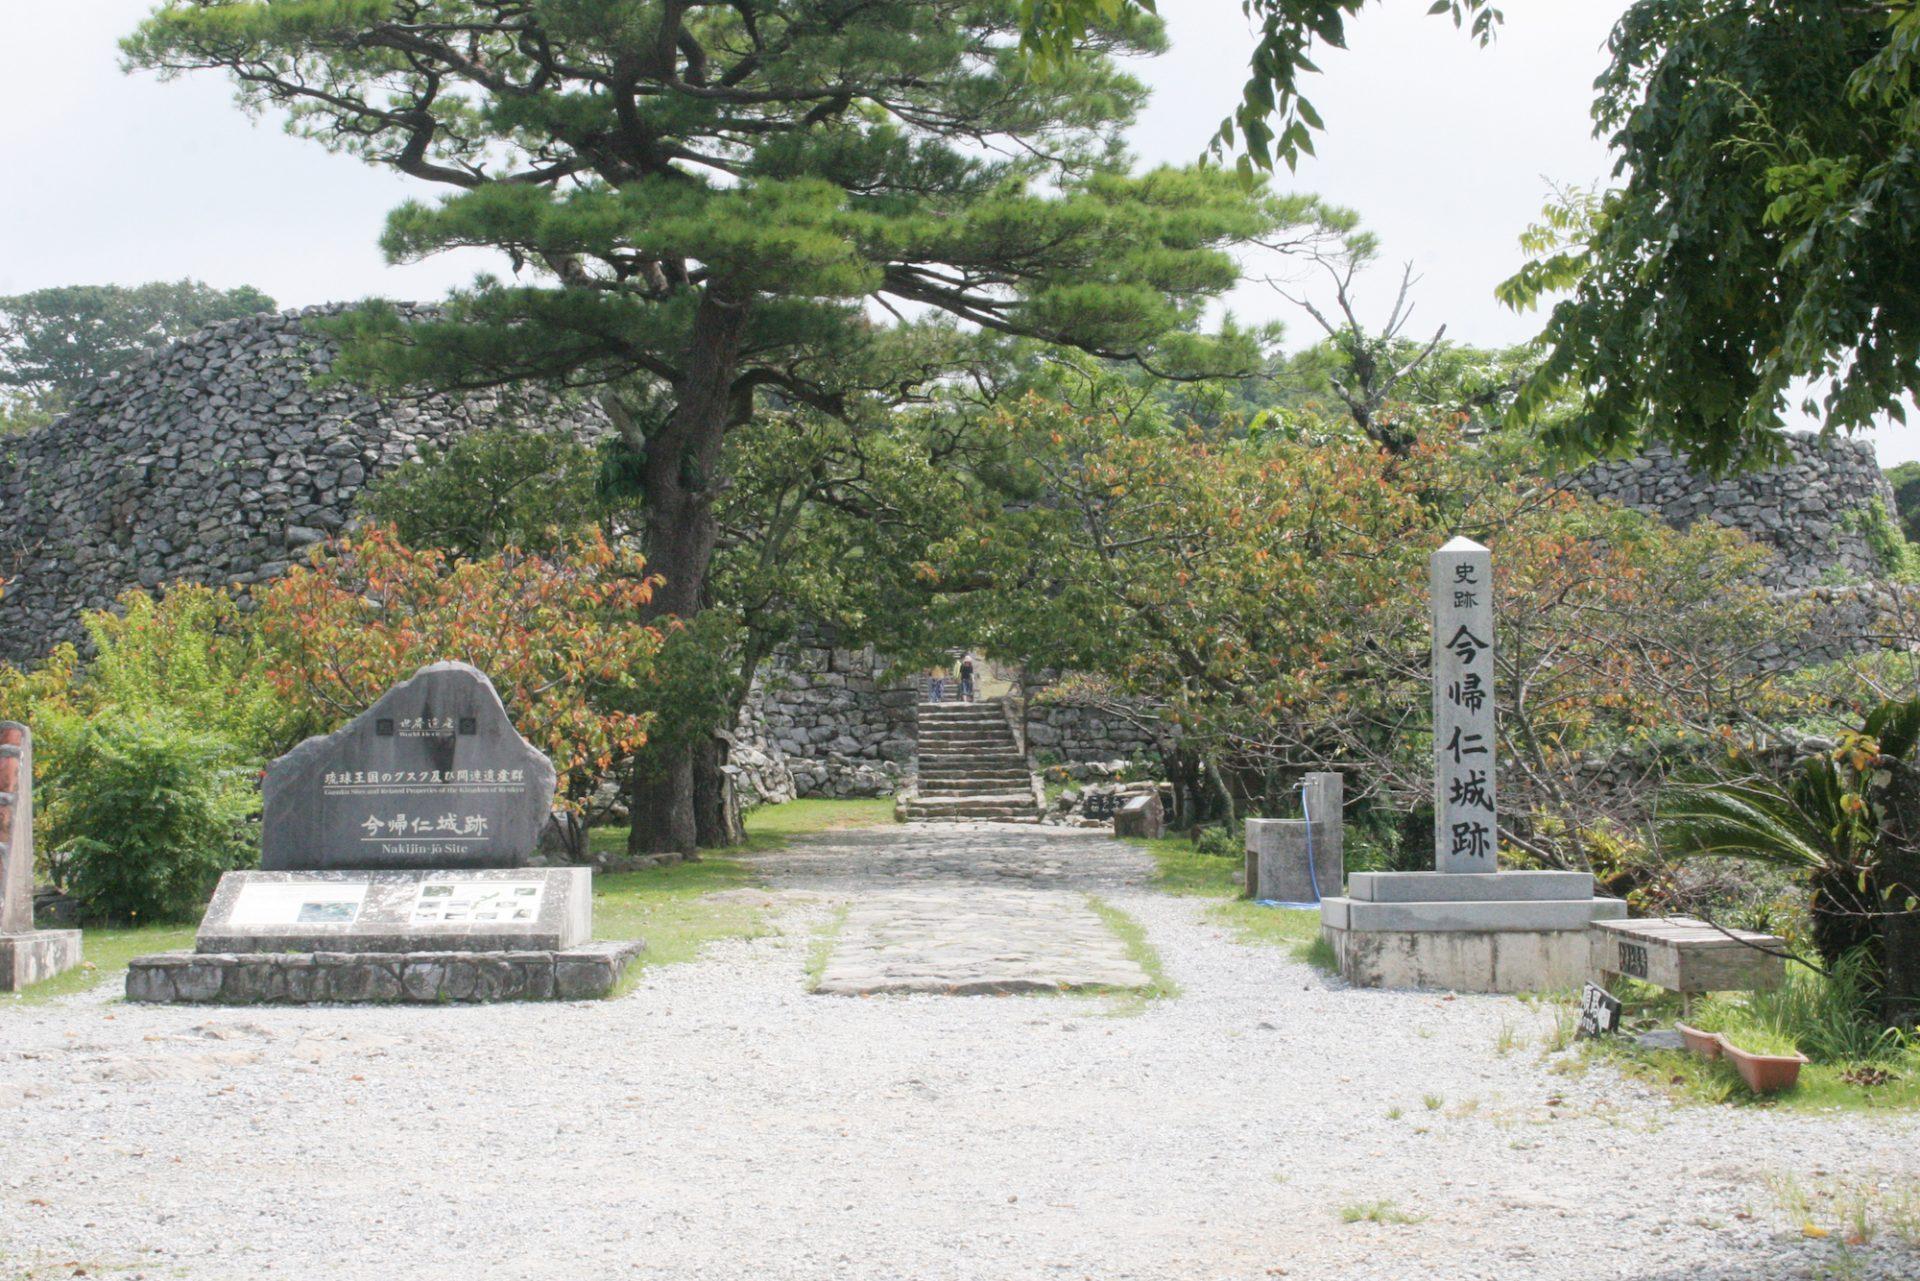 今帰仁城跡 沖縄 北部 観光 おすすめ 旅行 スポット 地